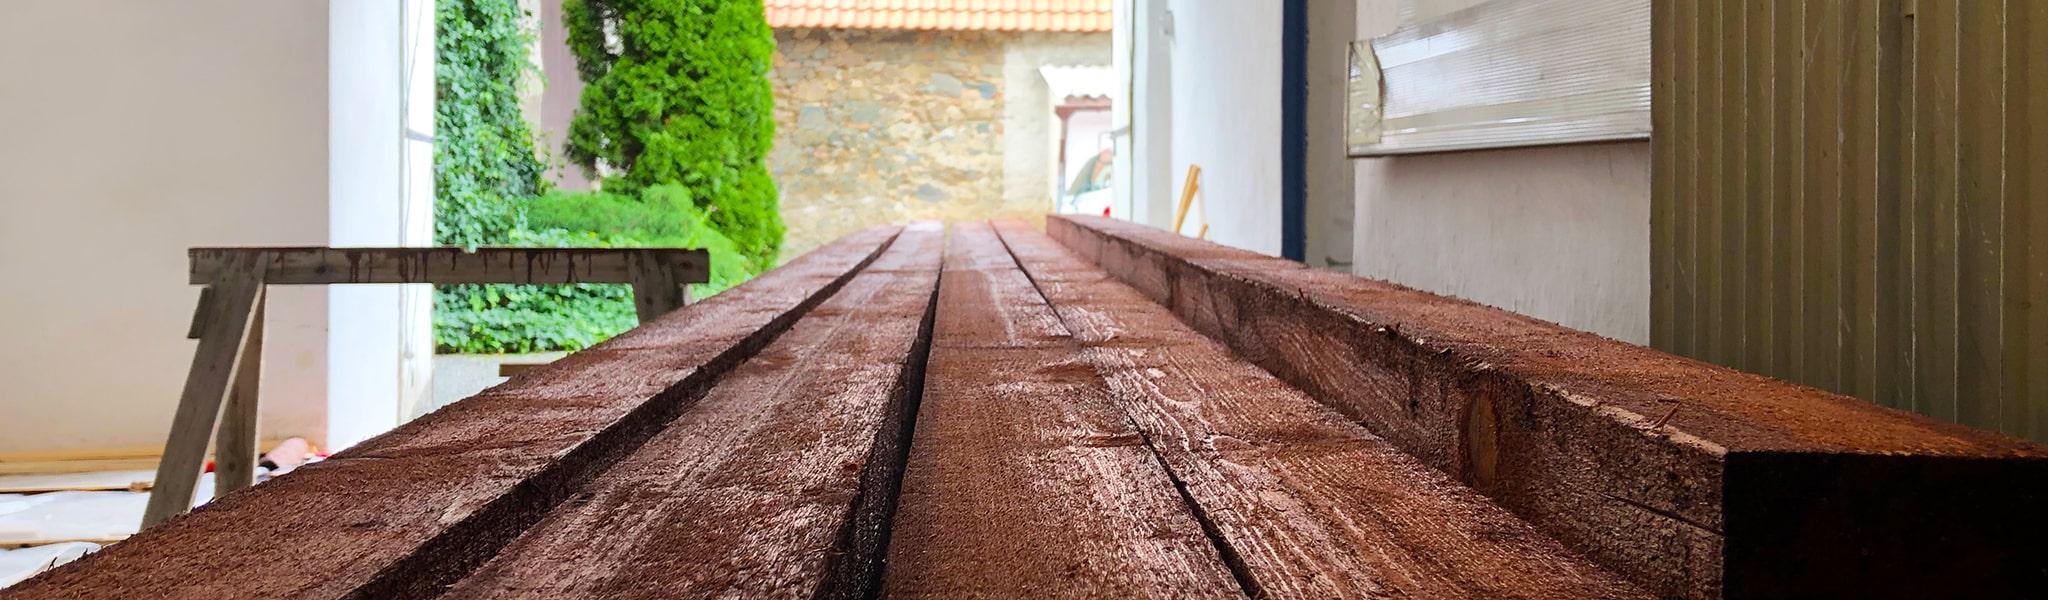 Ošetření dřeva, moření dřeva a uskladnění